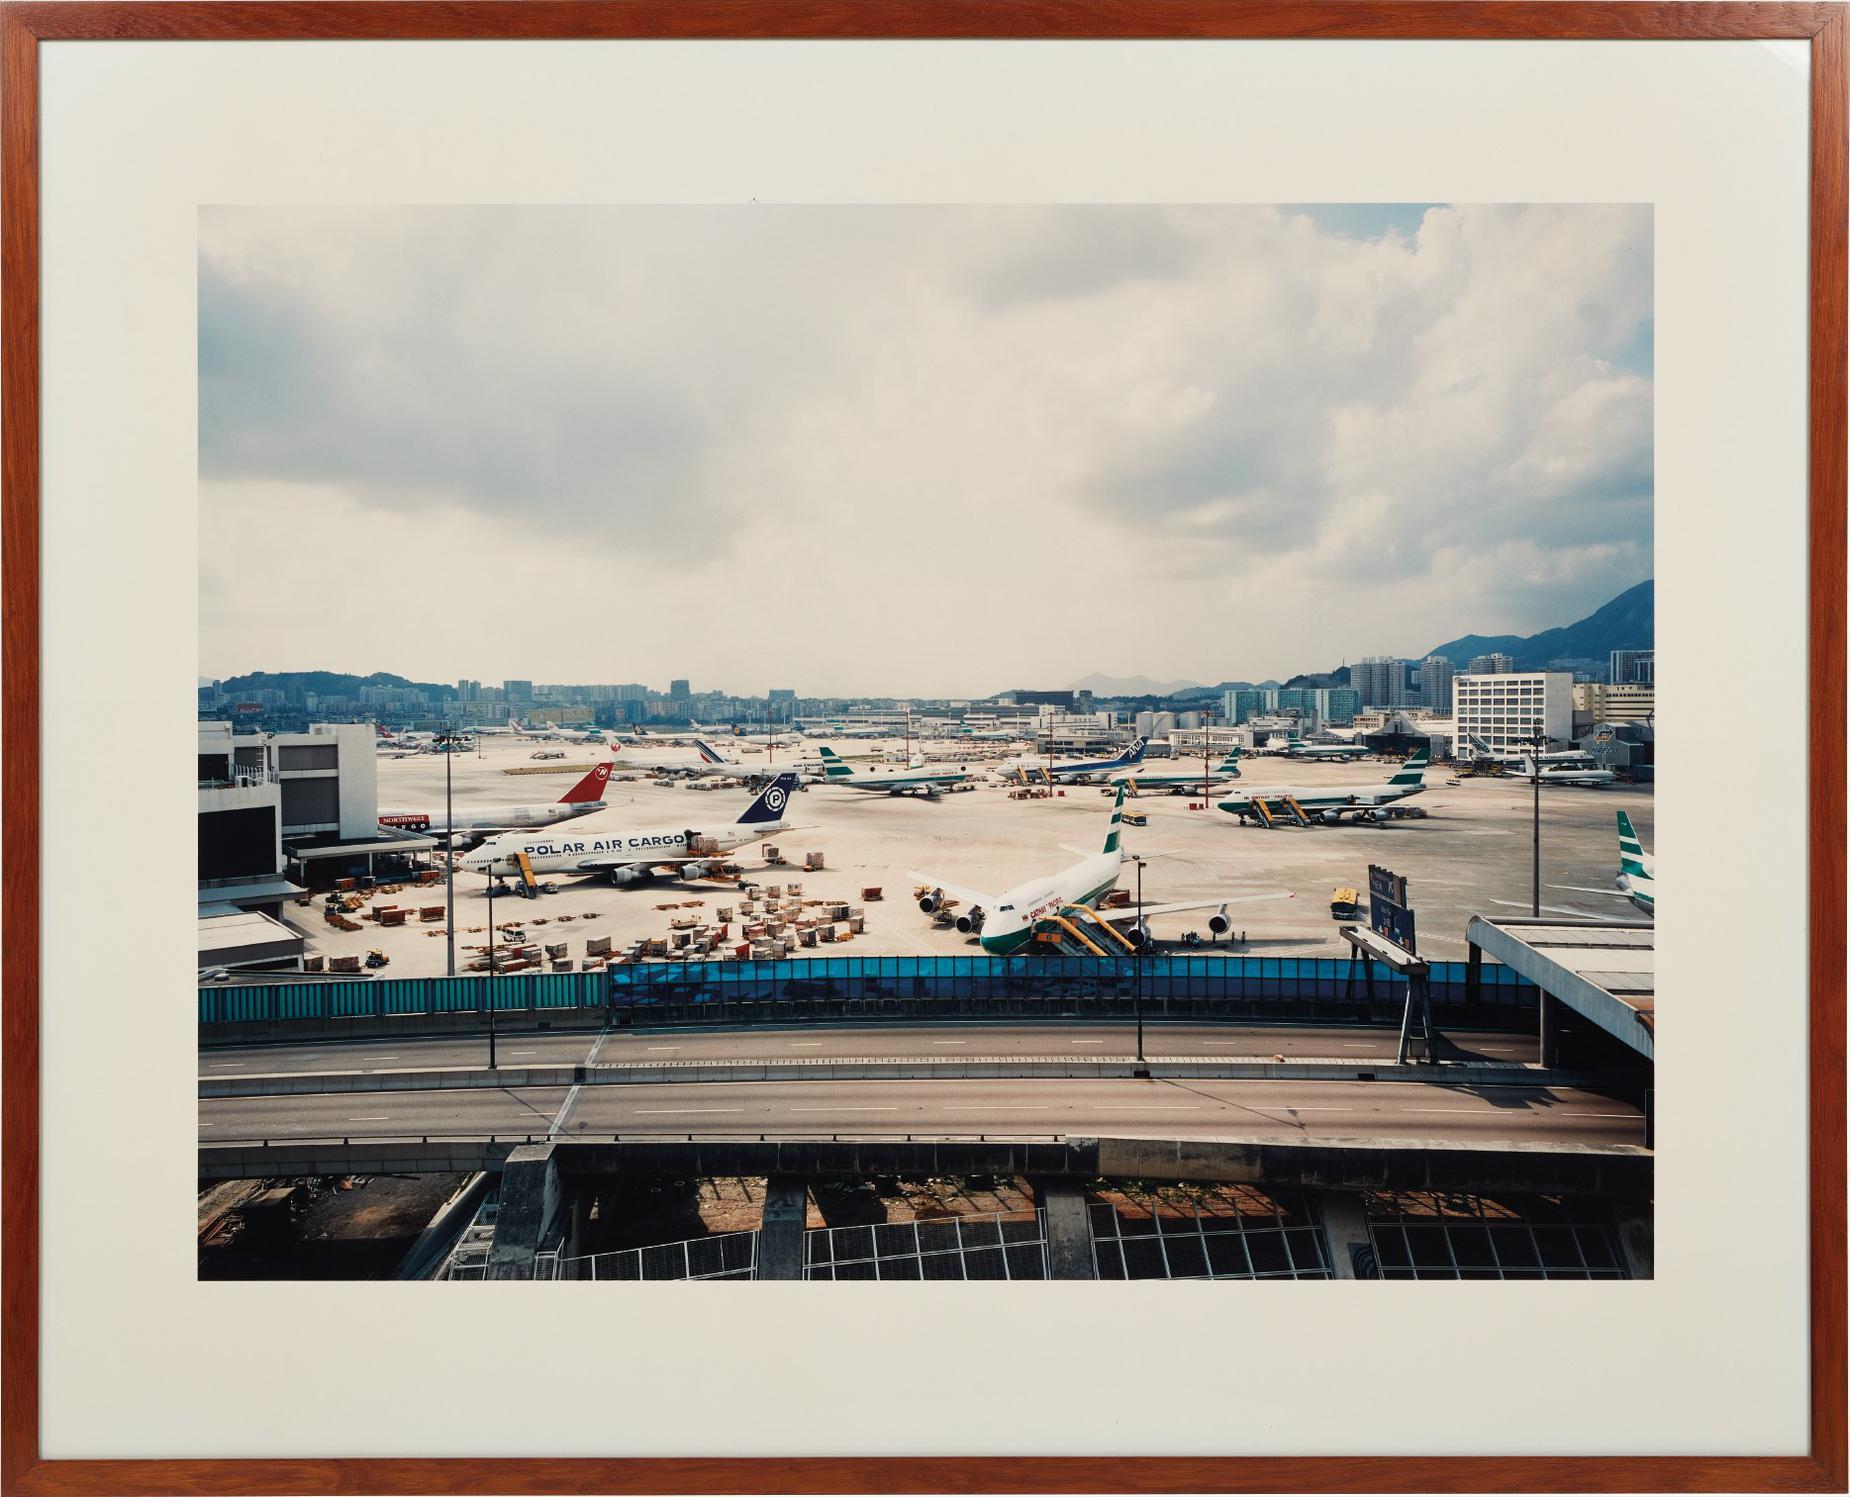 Andreas Gursky-Hong Kong Flughafen (Hong Kong Airport)-1994